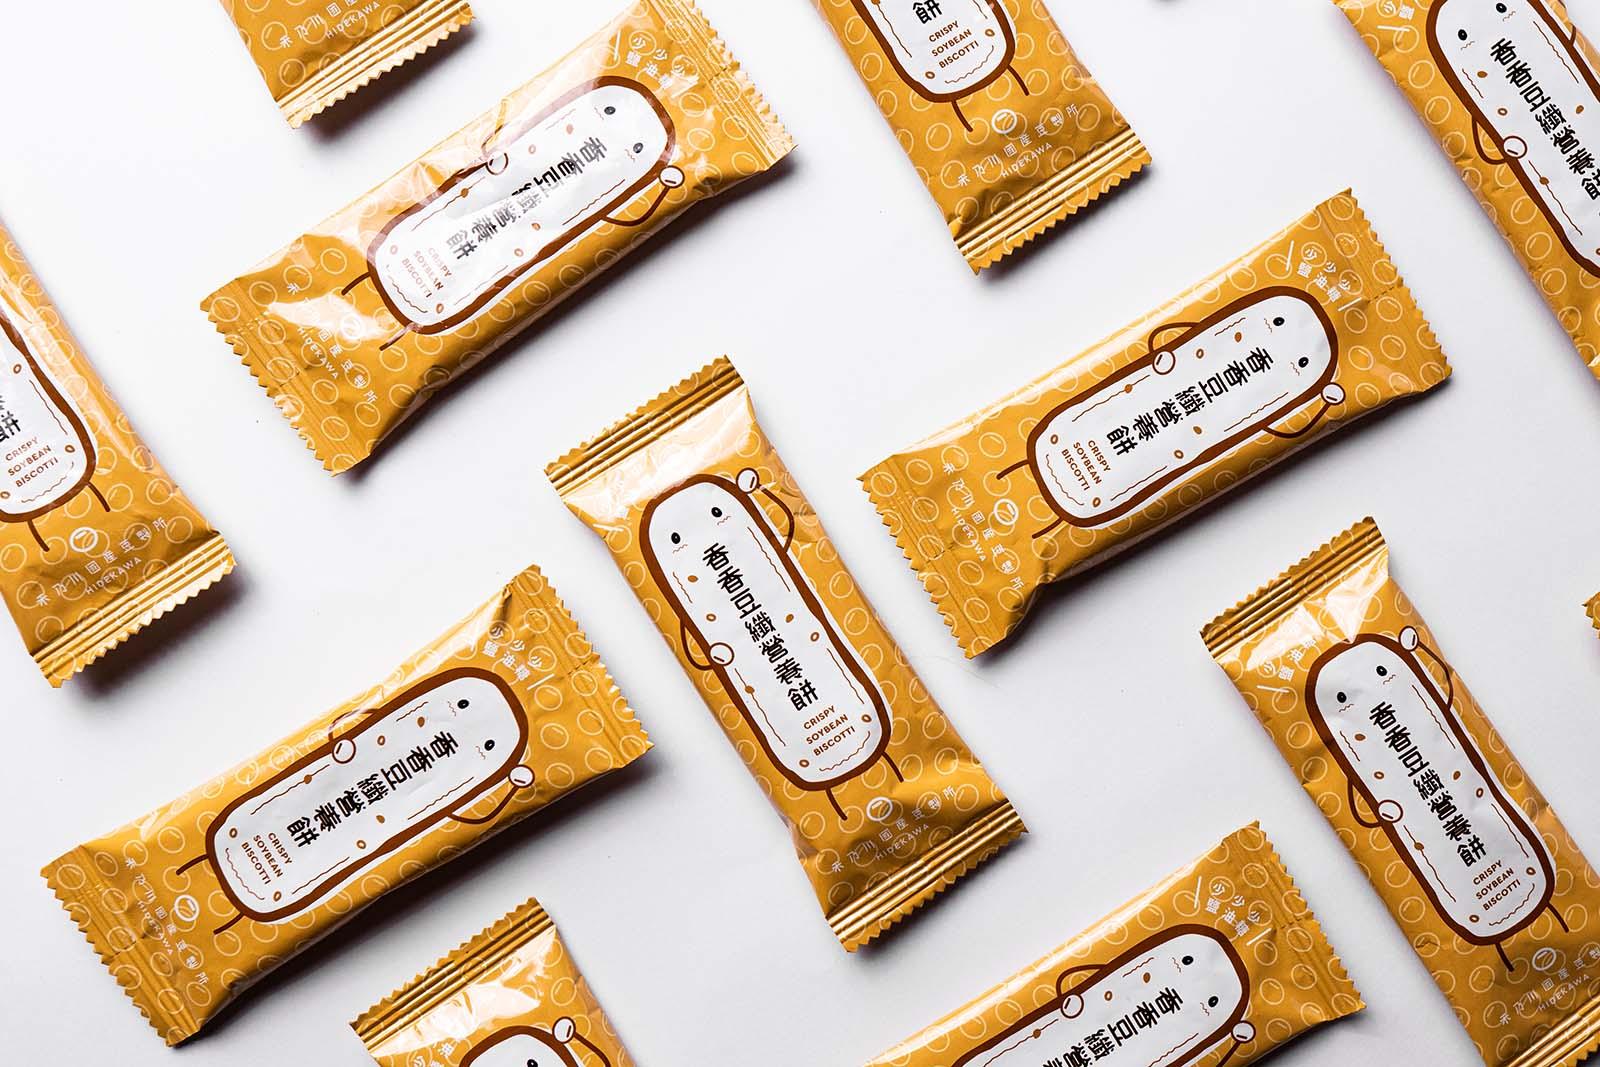 禾乃川國產豆製所選用台灣在地小農非基改,有完整產銷履歷且生產者資訊透明的上等大豆,並堅持純天然無添加的製作過程,不僅給顧客最優質的豆製產品,也友善對待這片土地。  此次推出的禮盒採用了禾乃川的經典插畫,傳遞禾乃川的品牌精神,並挑選了三樣主打產品供自由搭配組合,適合企業送禮的各式需求。 | 改變生命的豆漿店